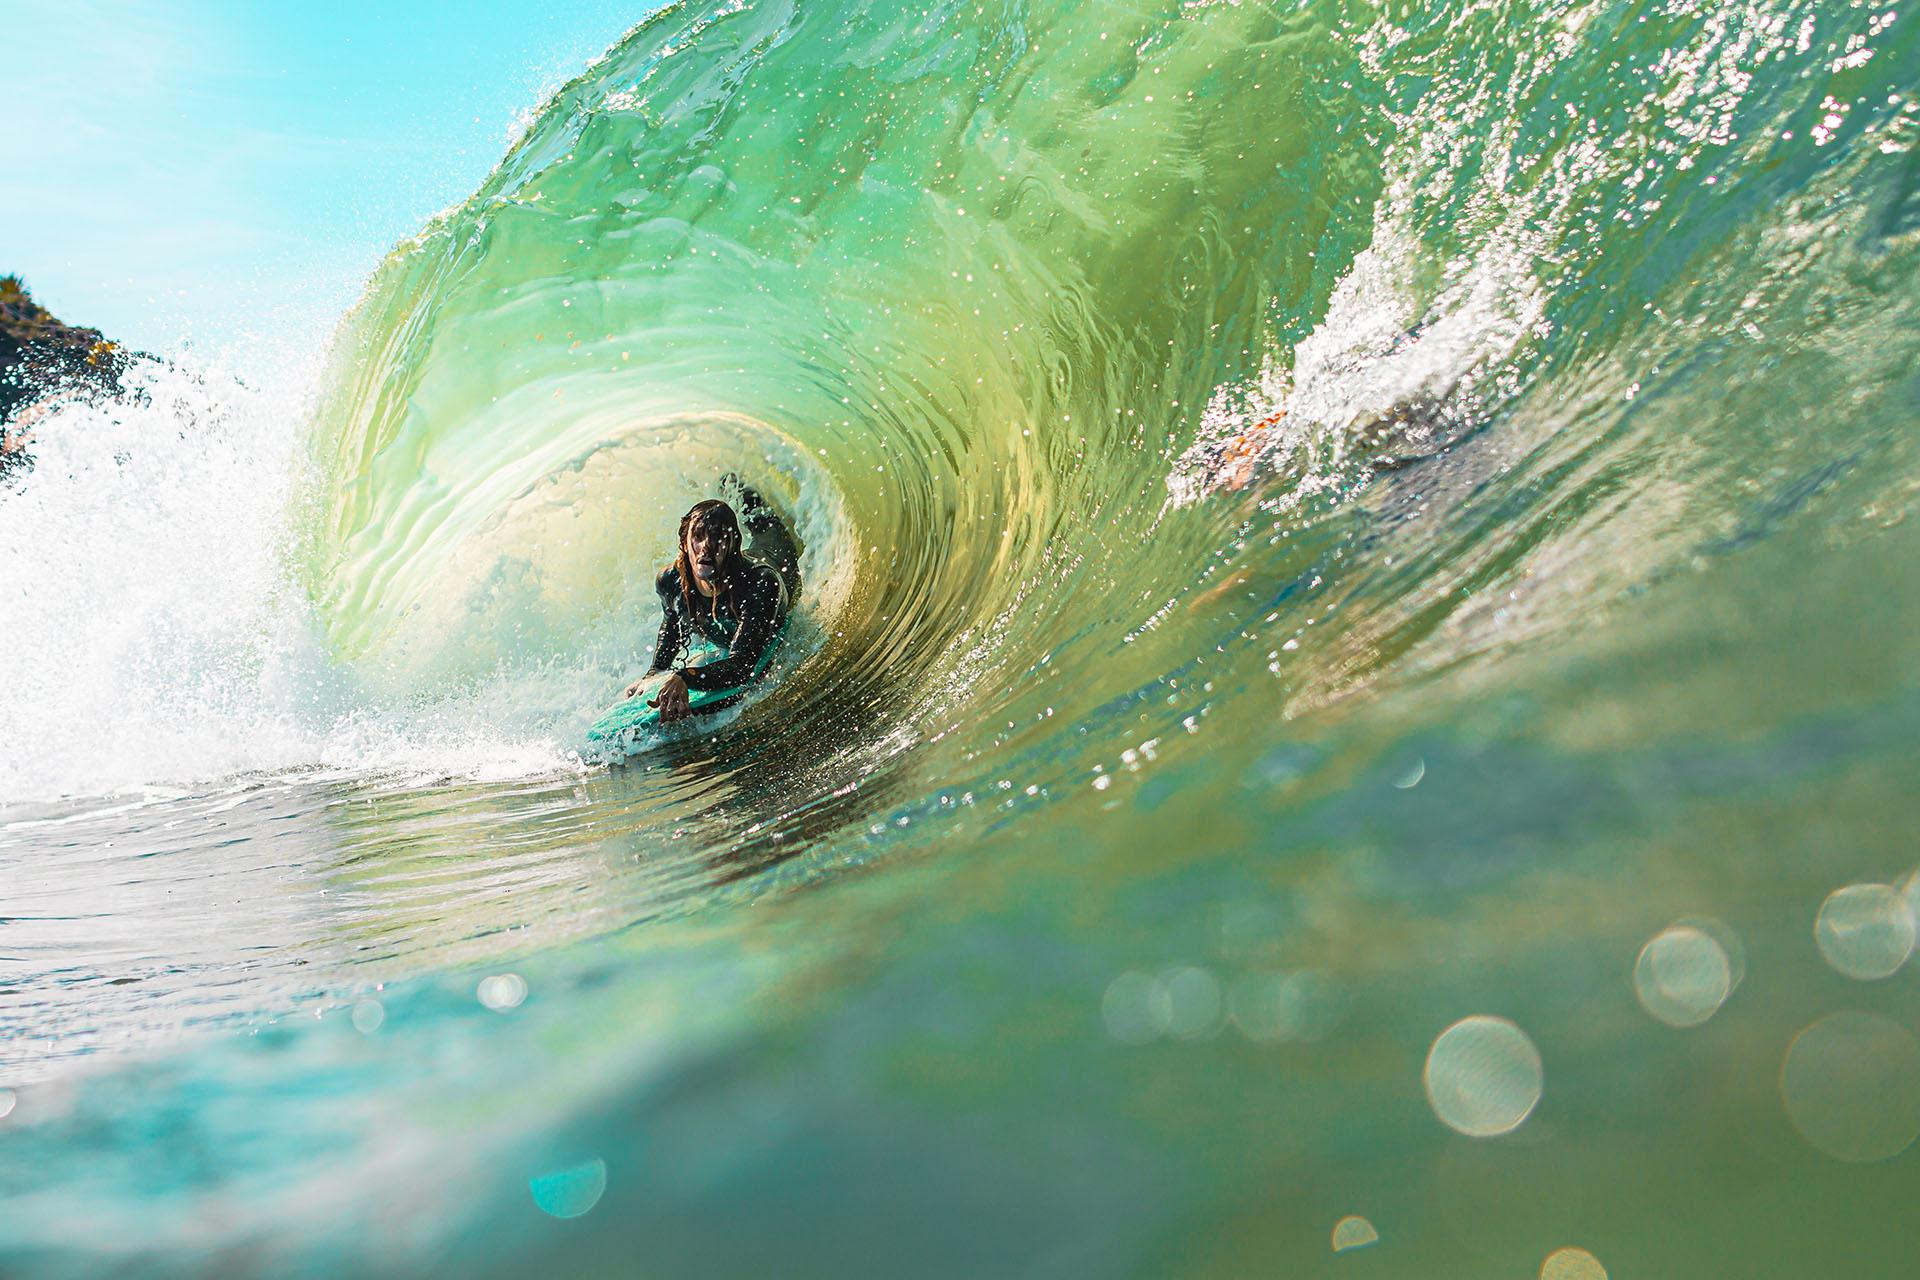 melhores fotos de surf de agosto